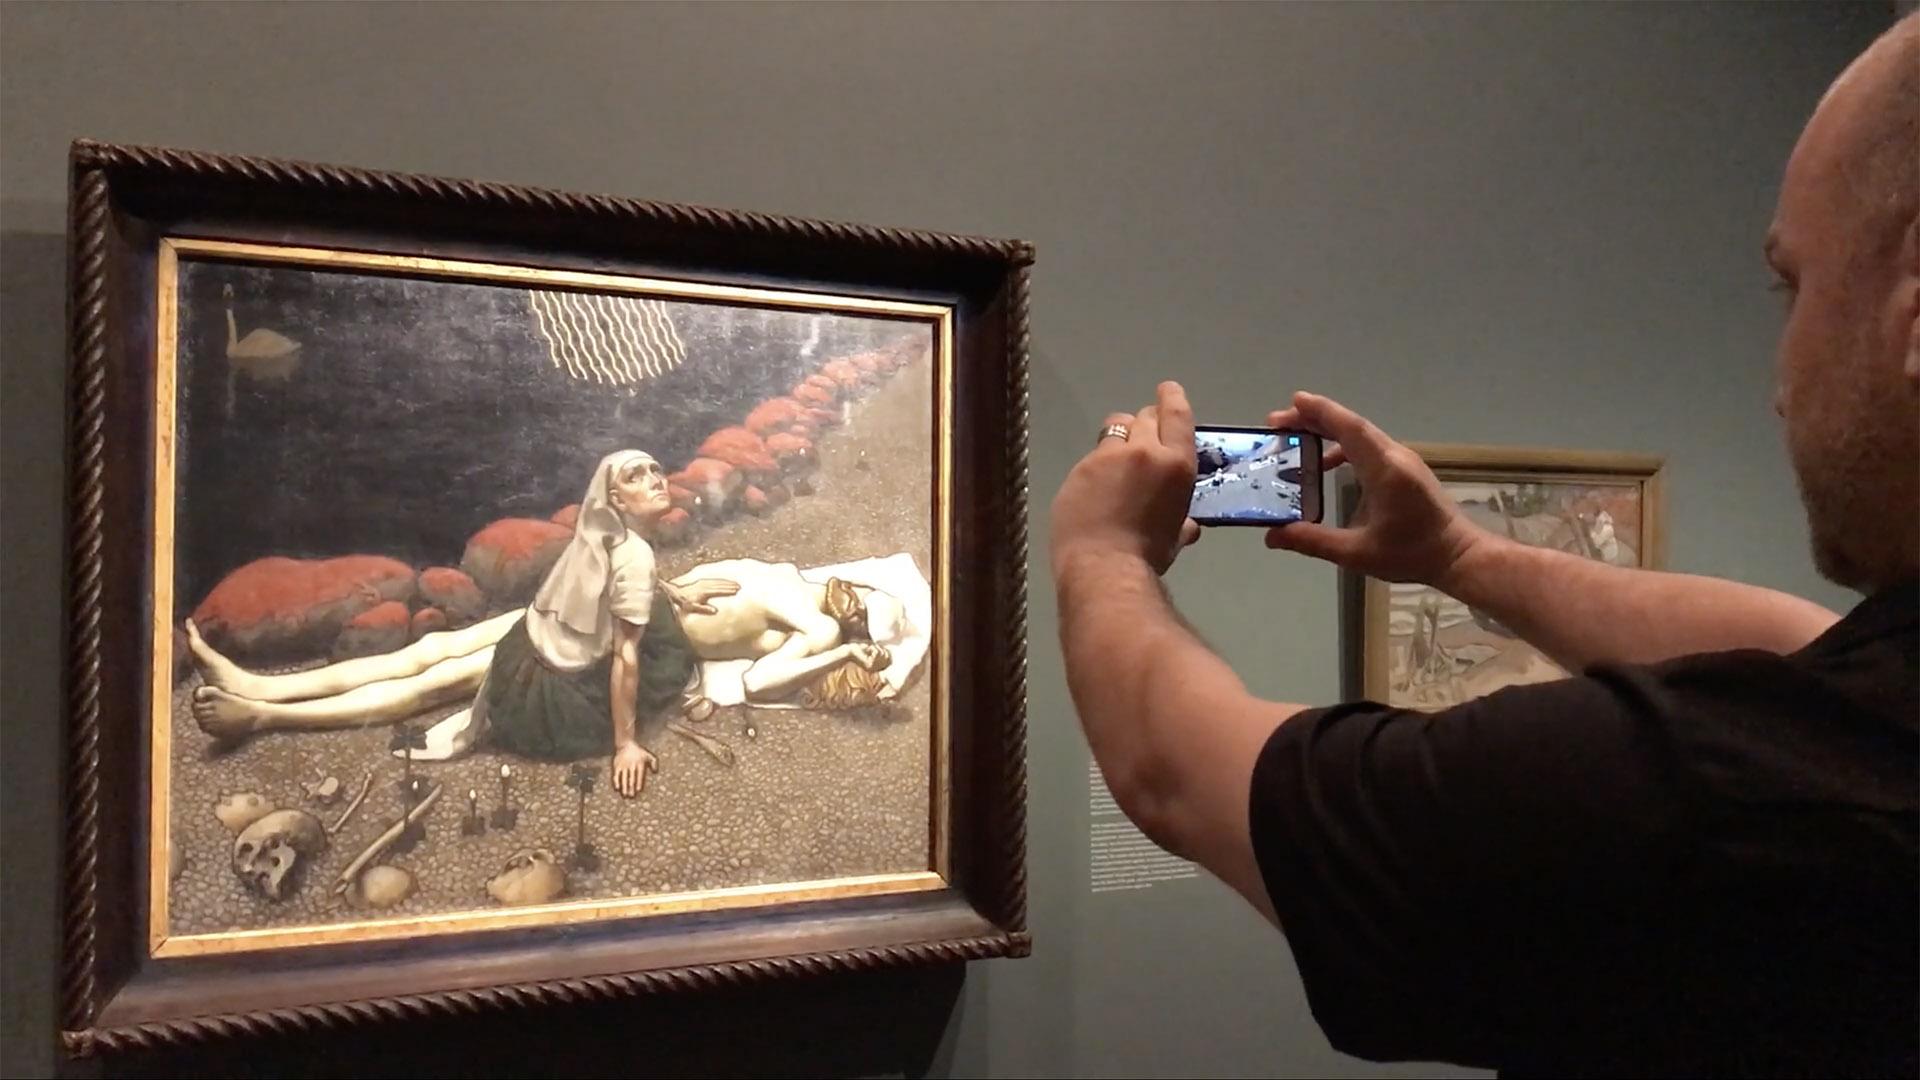 Art beyond the frame